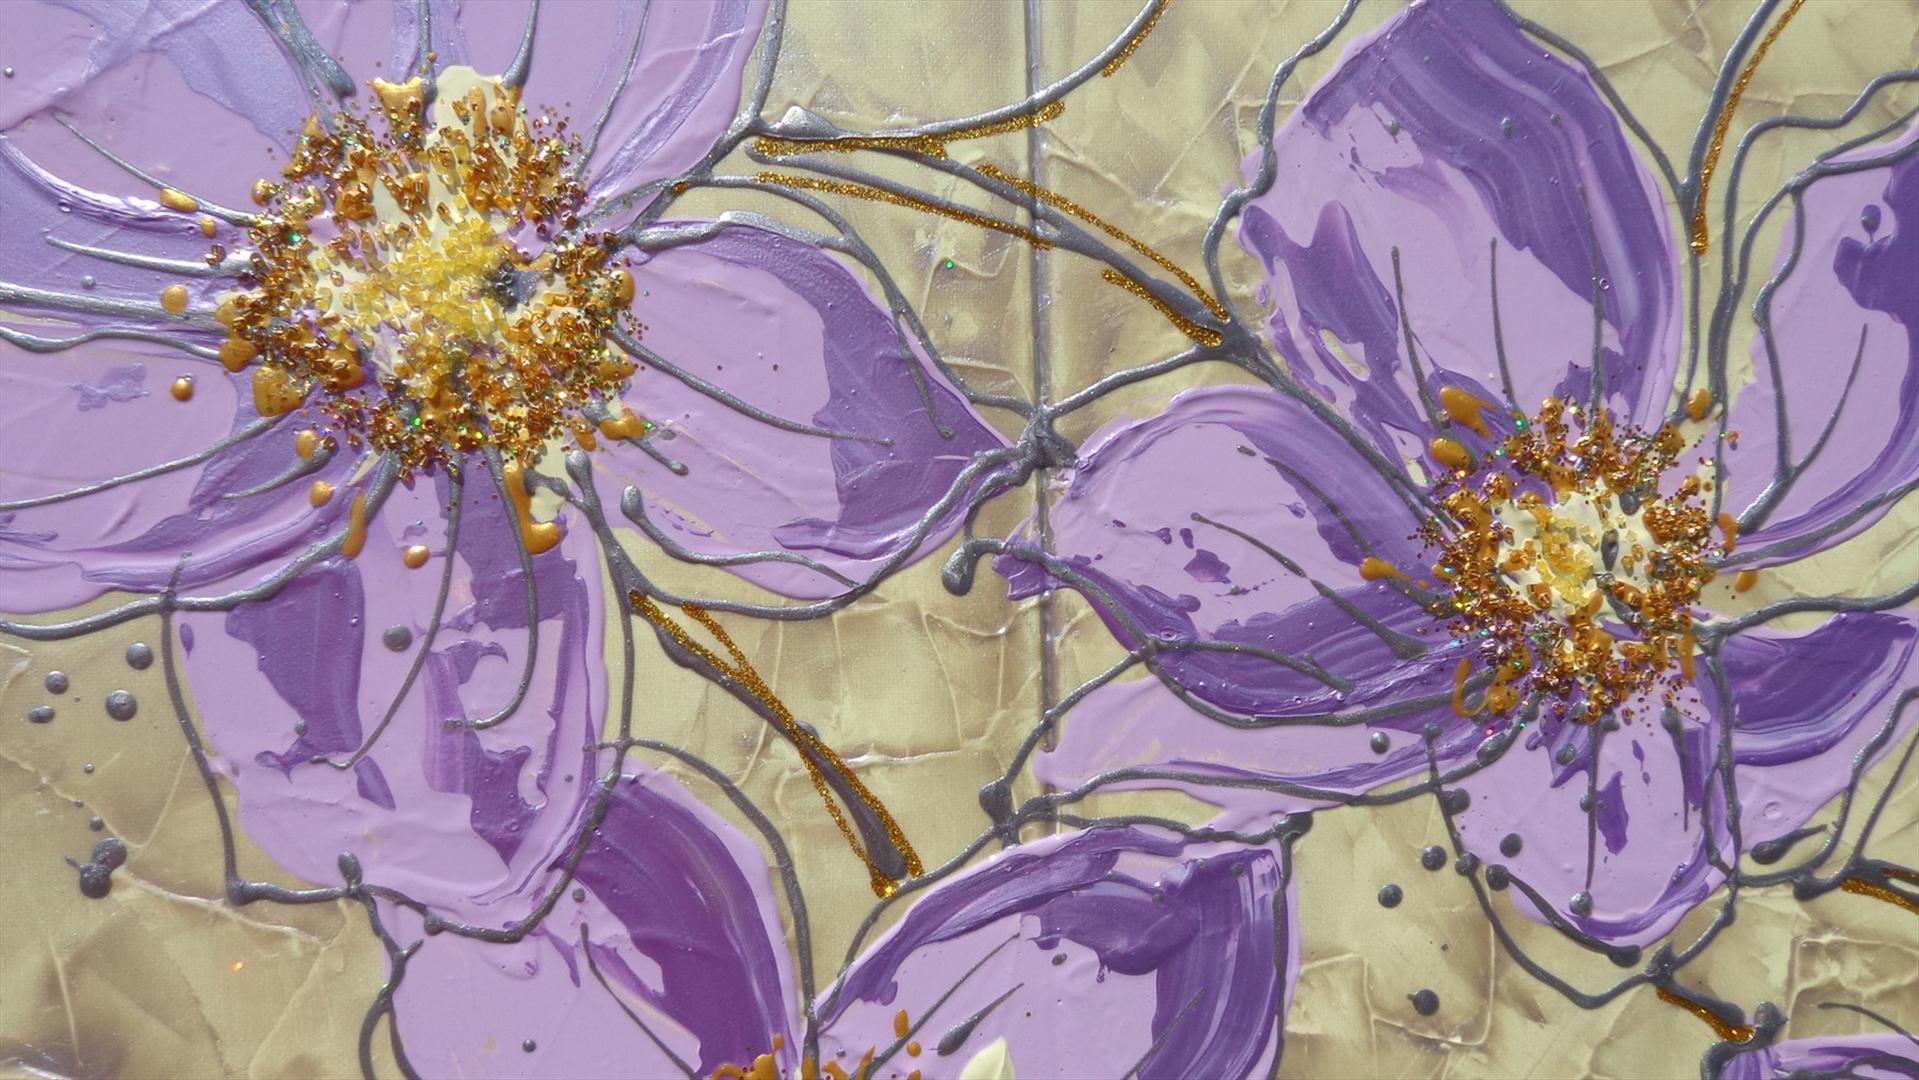 Pin quadri moderni dipinti a mano immagini fiori astratti for Quadri fiori olio